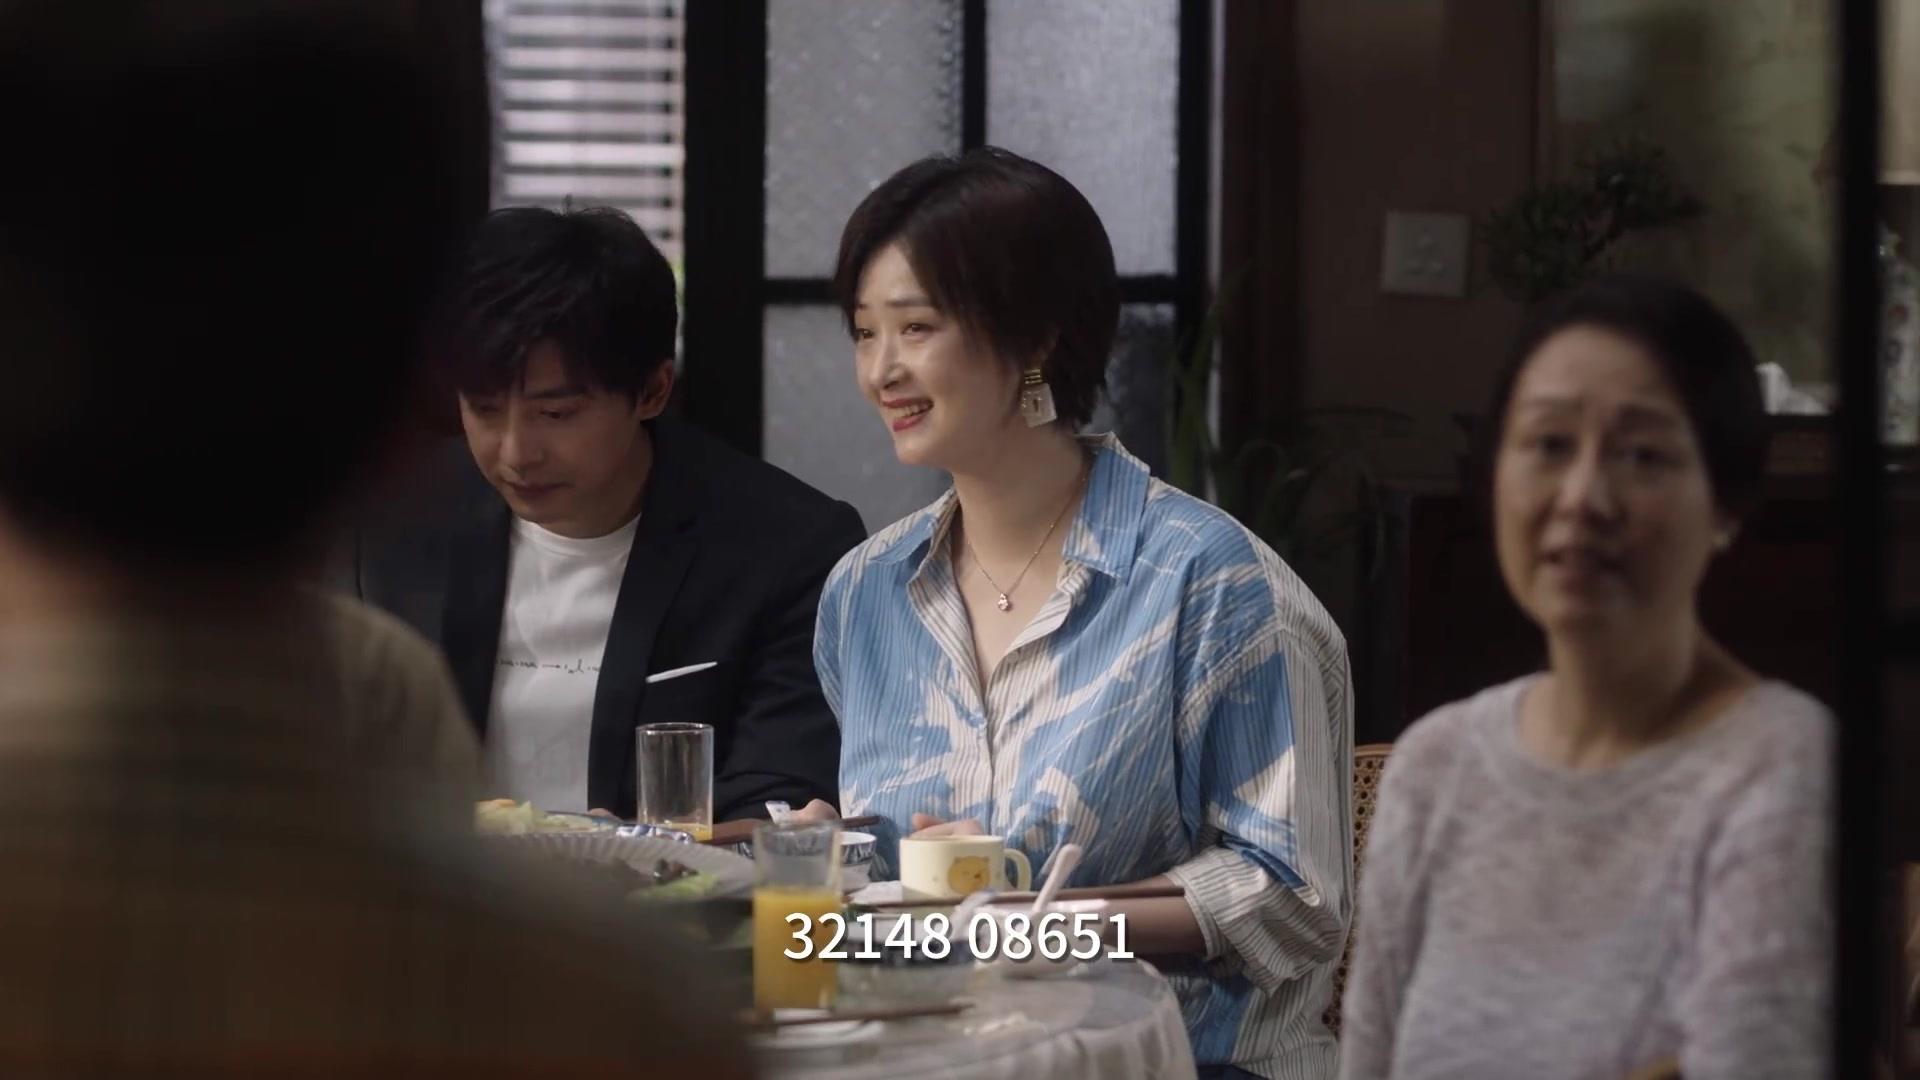 田雨岚让子悠表演背圆周率,这个场面好尴尬啊